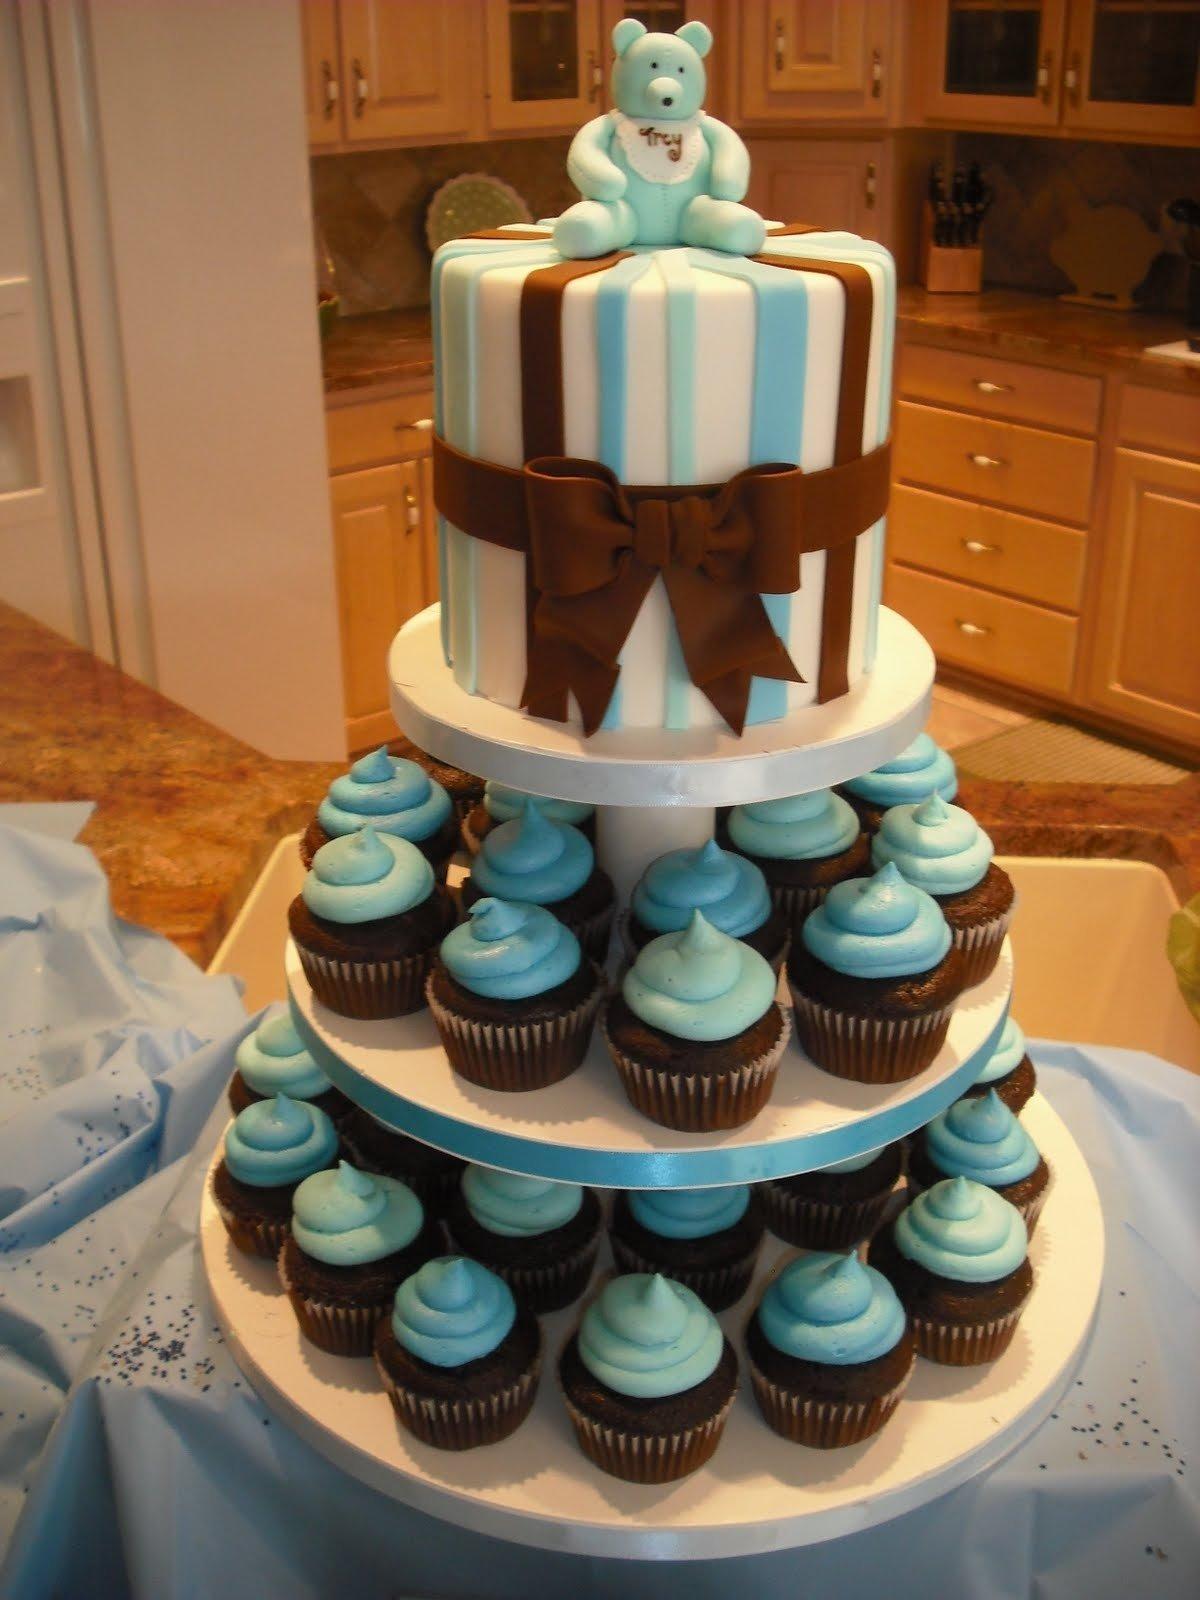 10 Fantastic Boy Baby Shower Cupcake Ideas shocking baby shower cake ideas fory and girl sheet cup for a boy